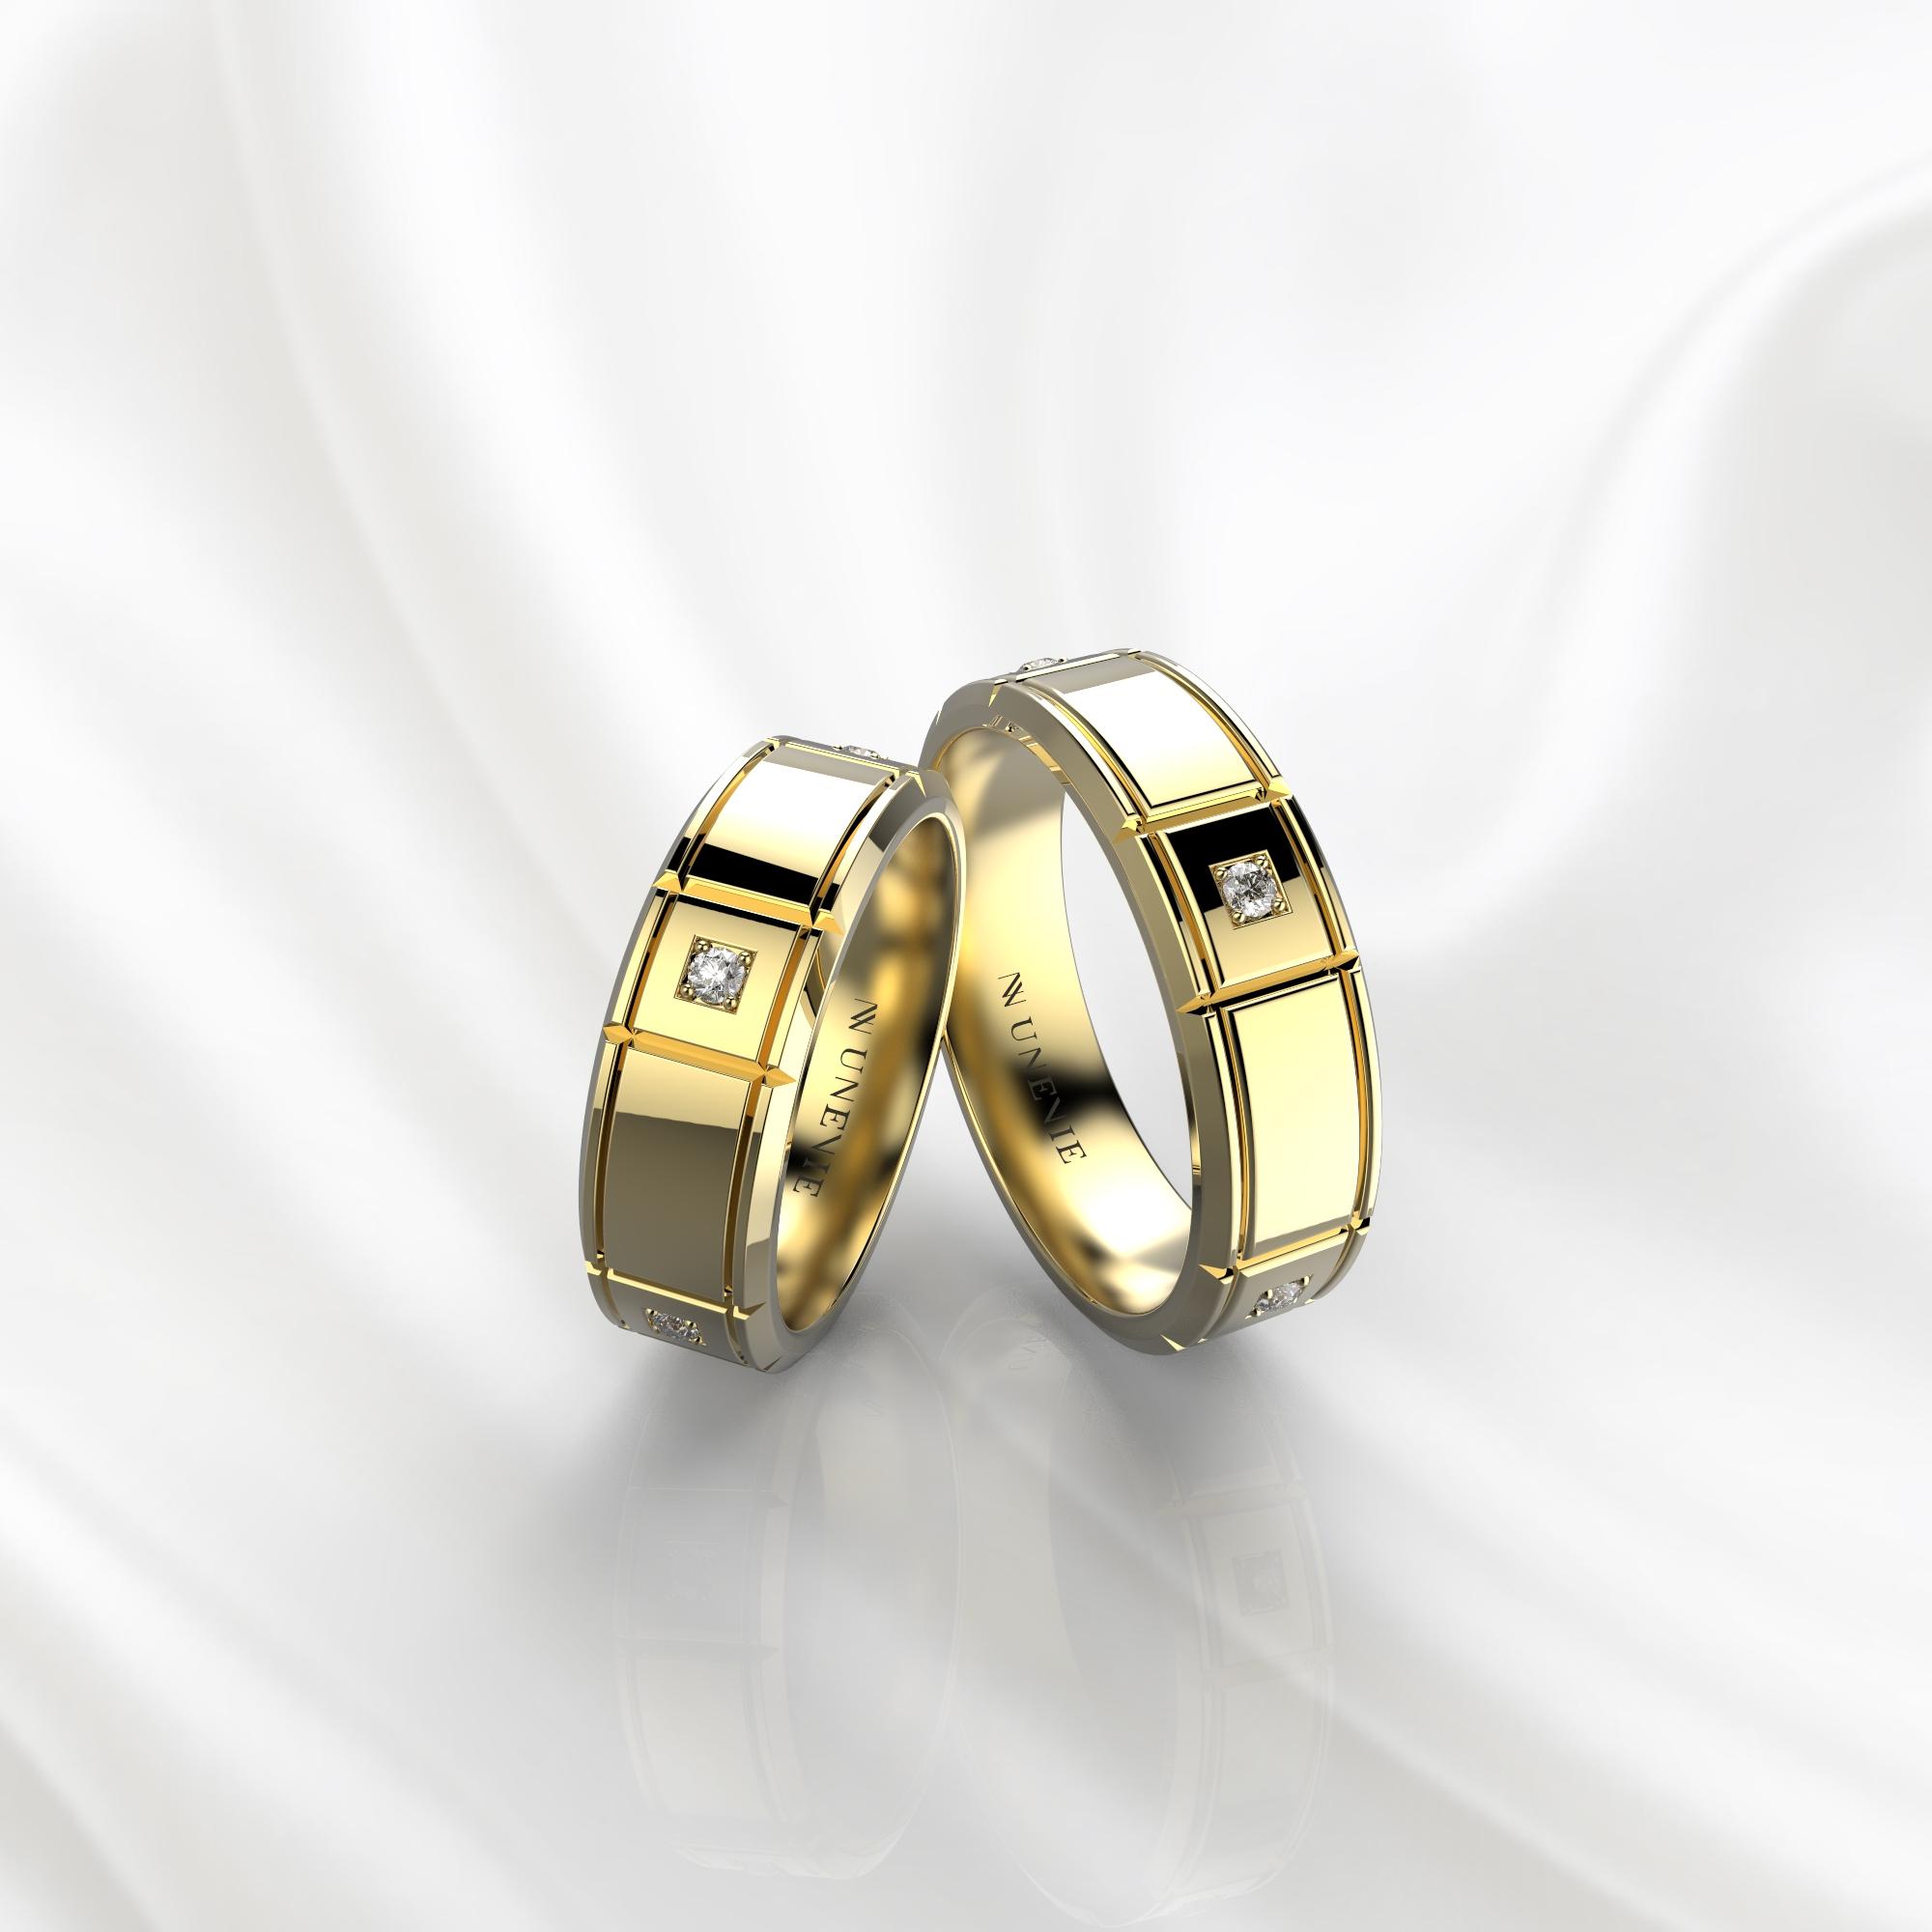 NV76 Парные обручальные кольца из желтого золота с бриллиантами